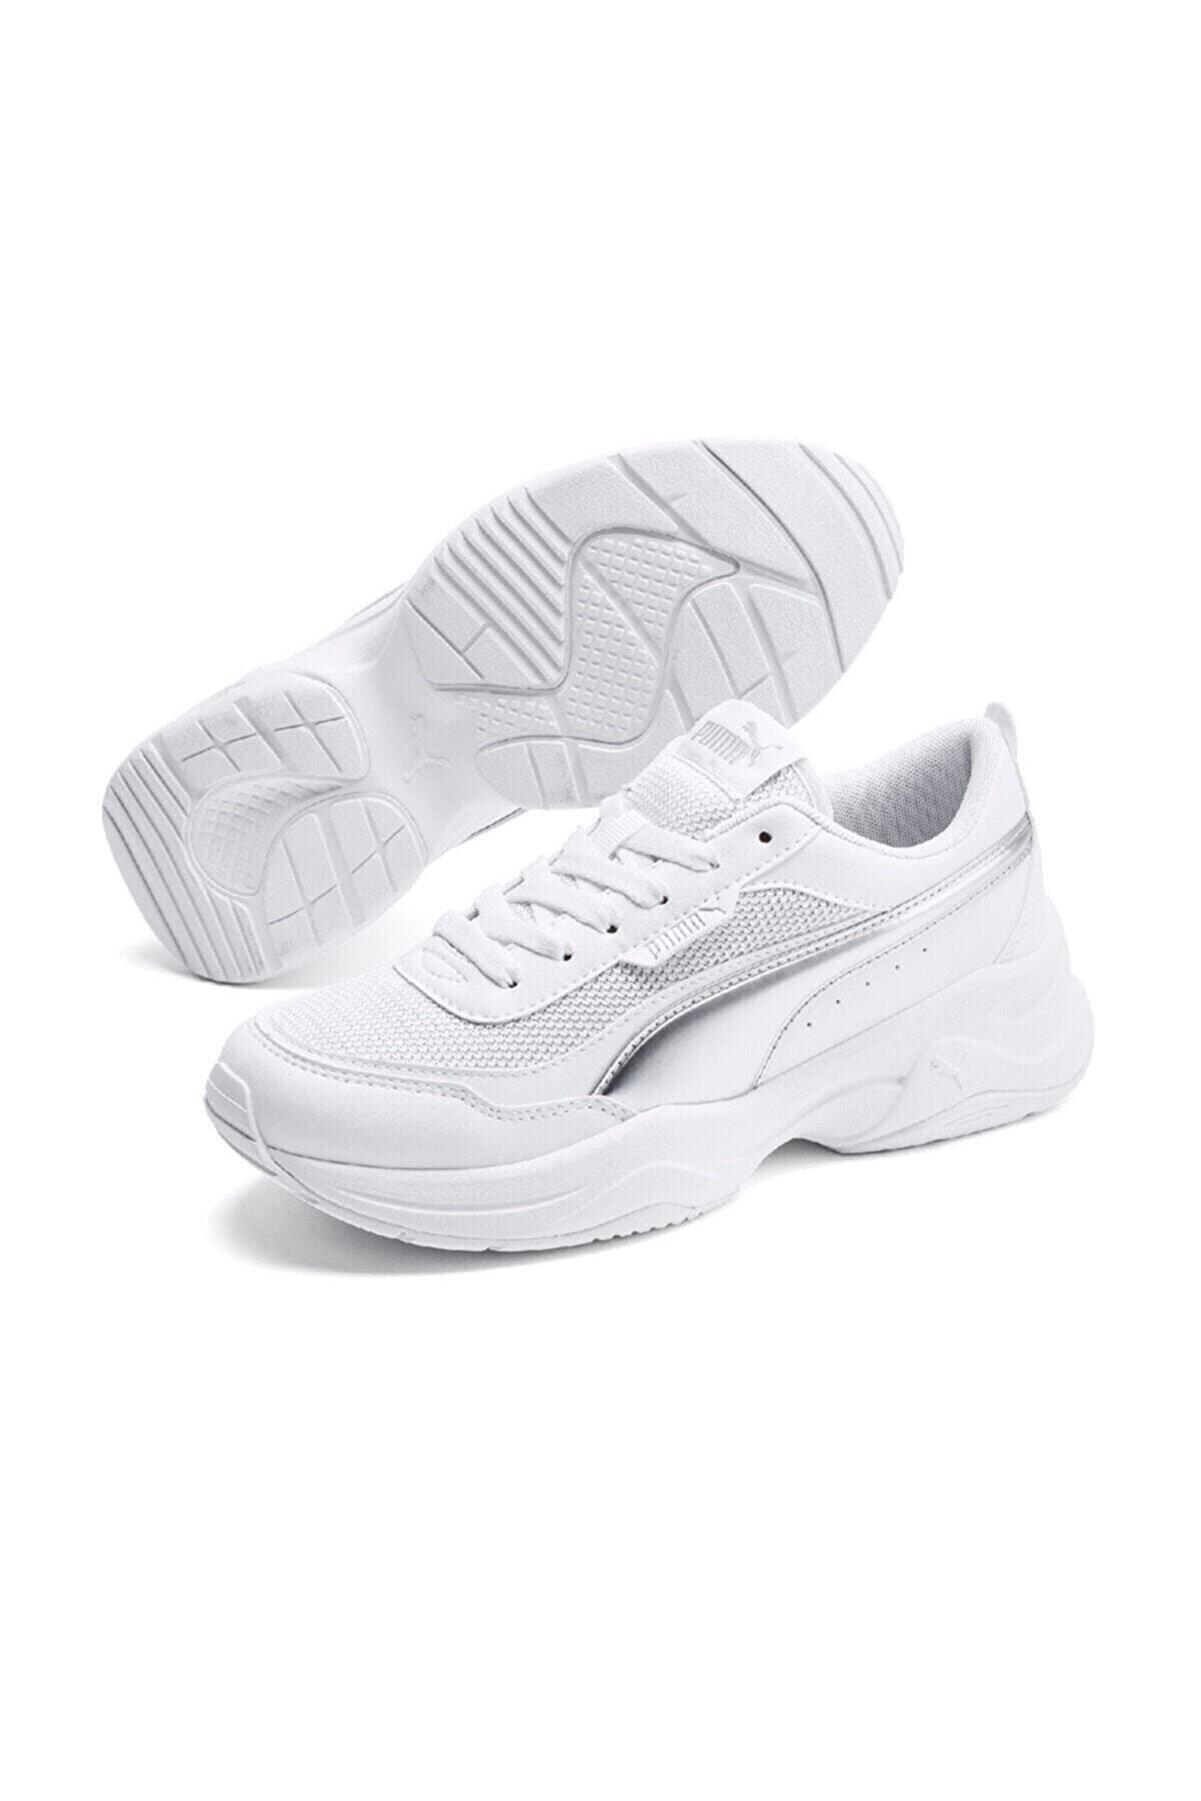 Puma CILIA MODE METALLIC Beyaz Kadın Sneaker Ayakkabı 101085359